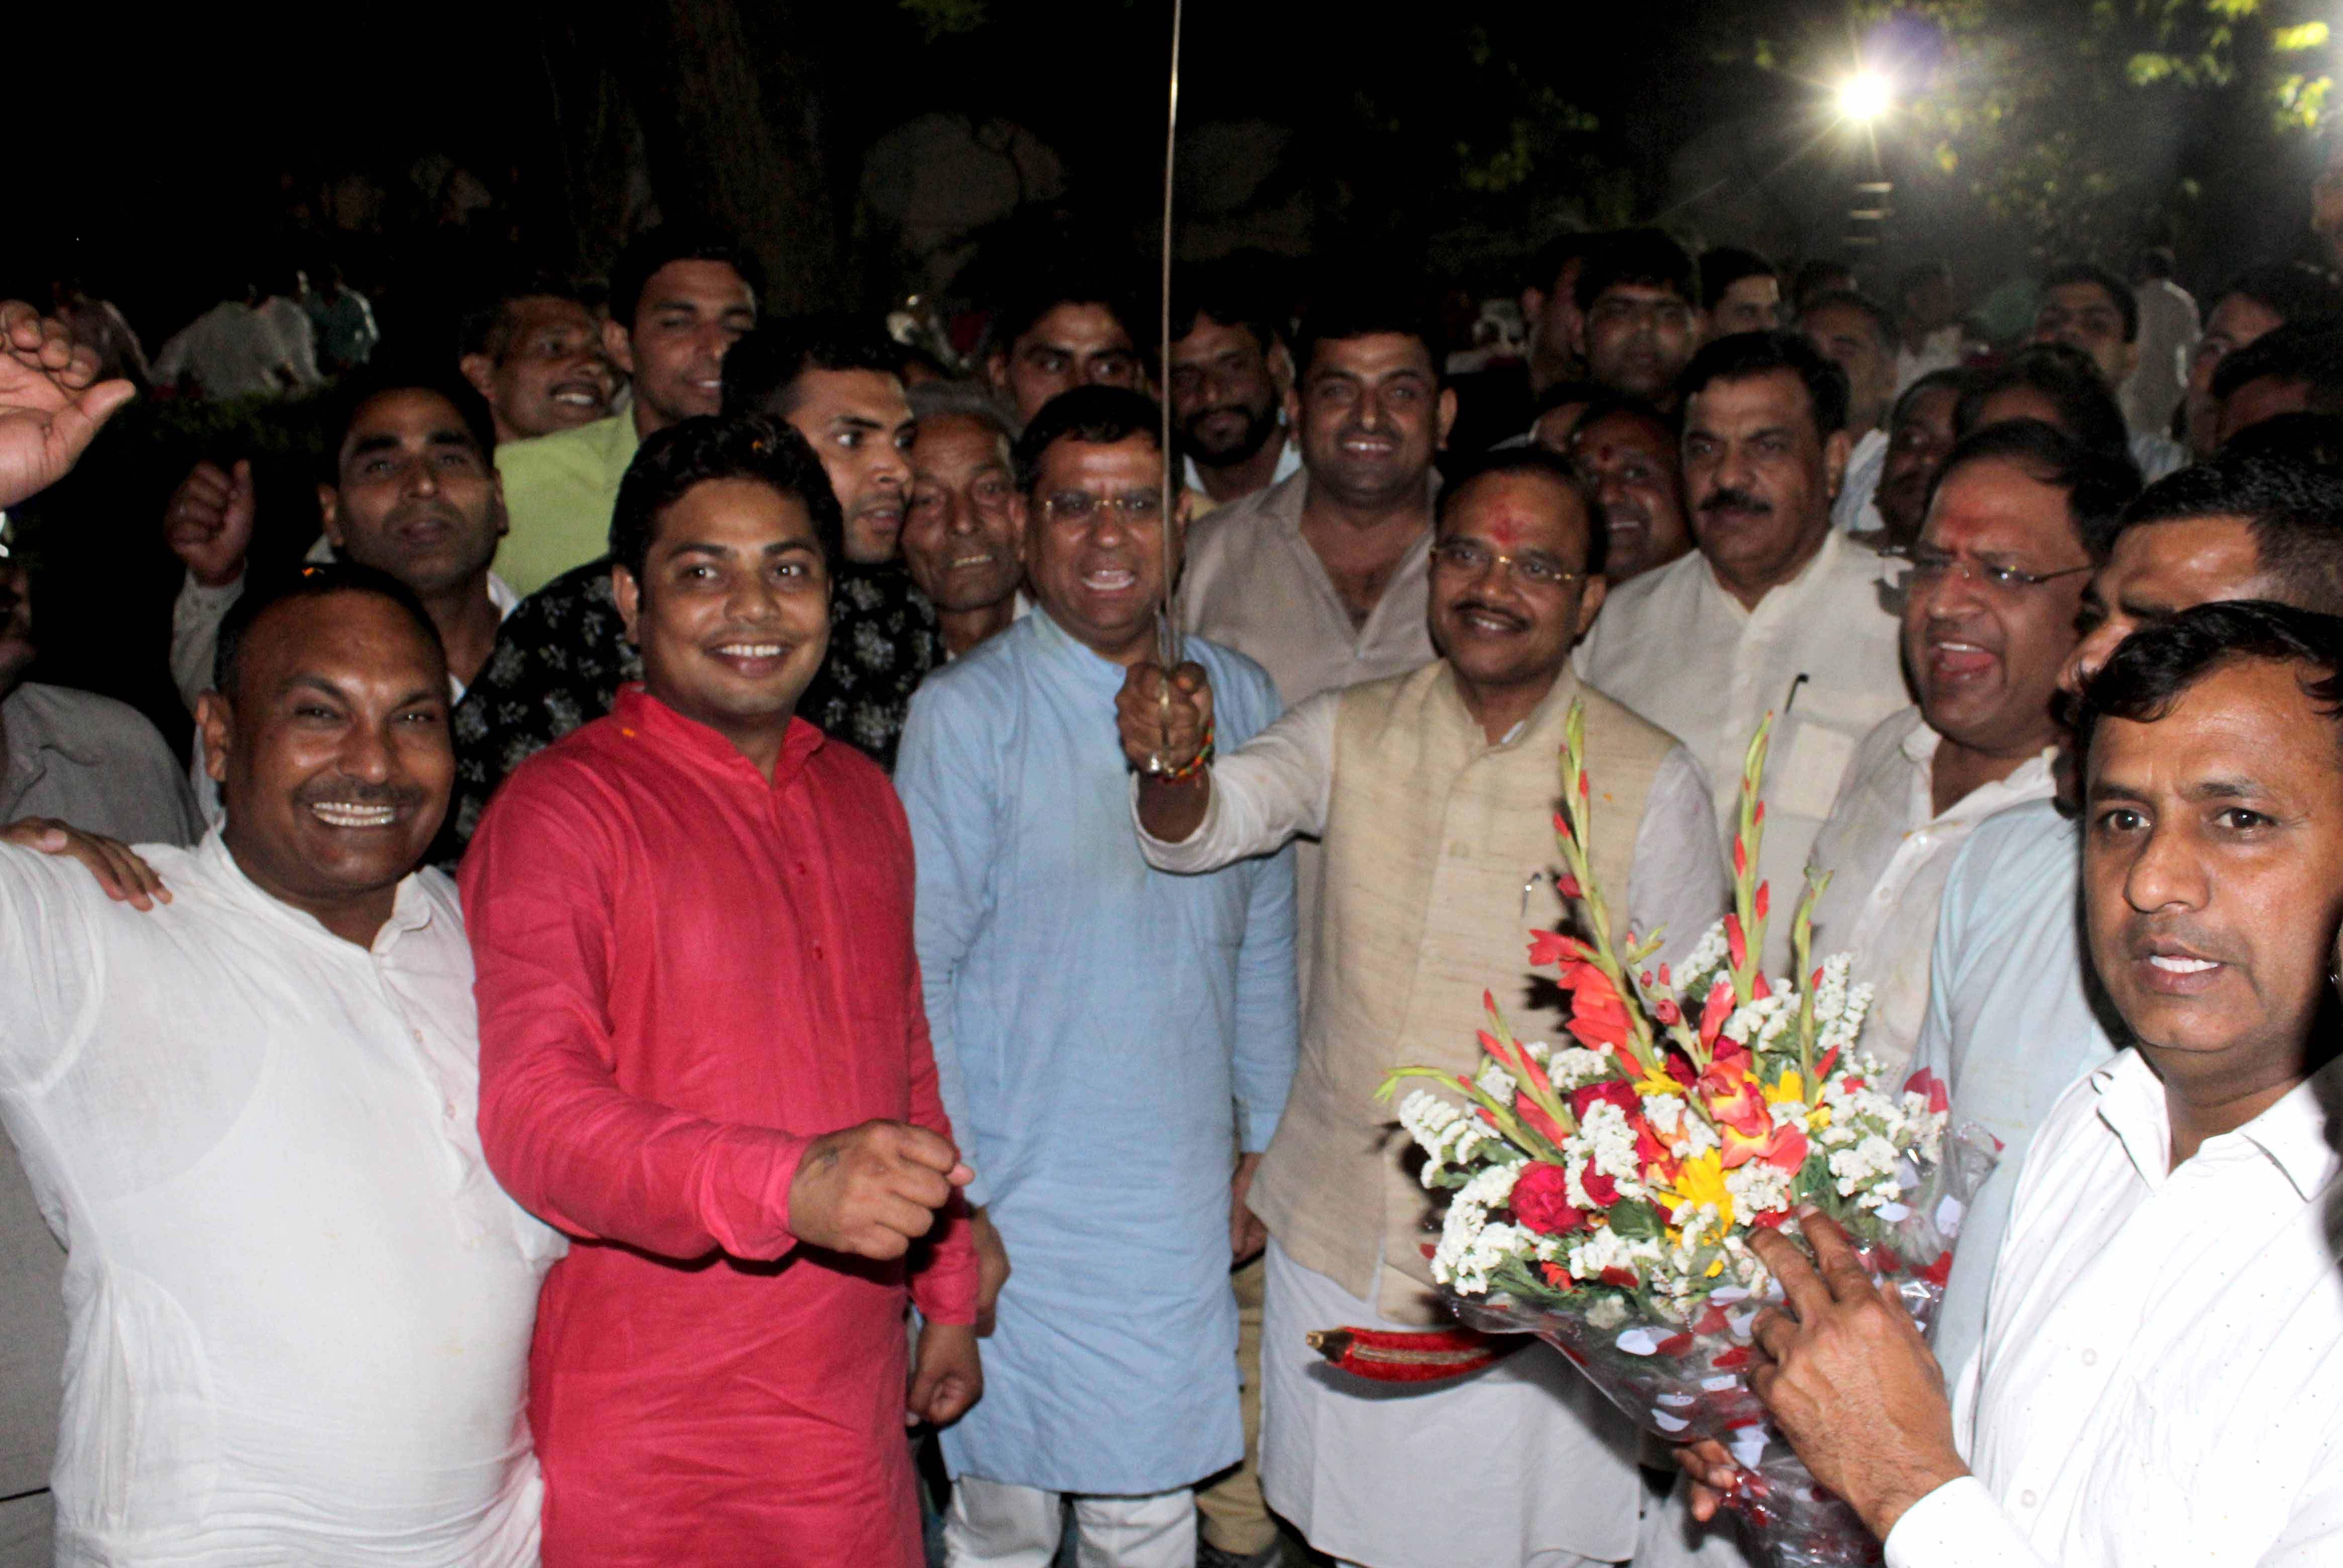 तिगांव पहुंचने पर भाजपा नेता राजेश नागर ने किया राज्यसभा सांसद का भव्य स्वागत